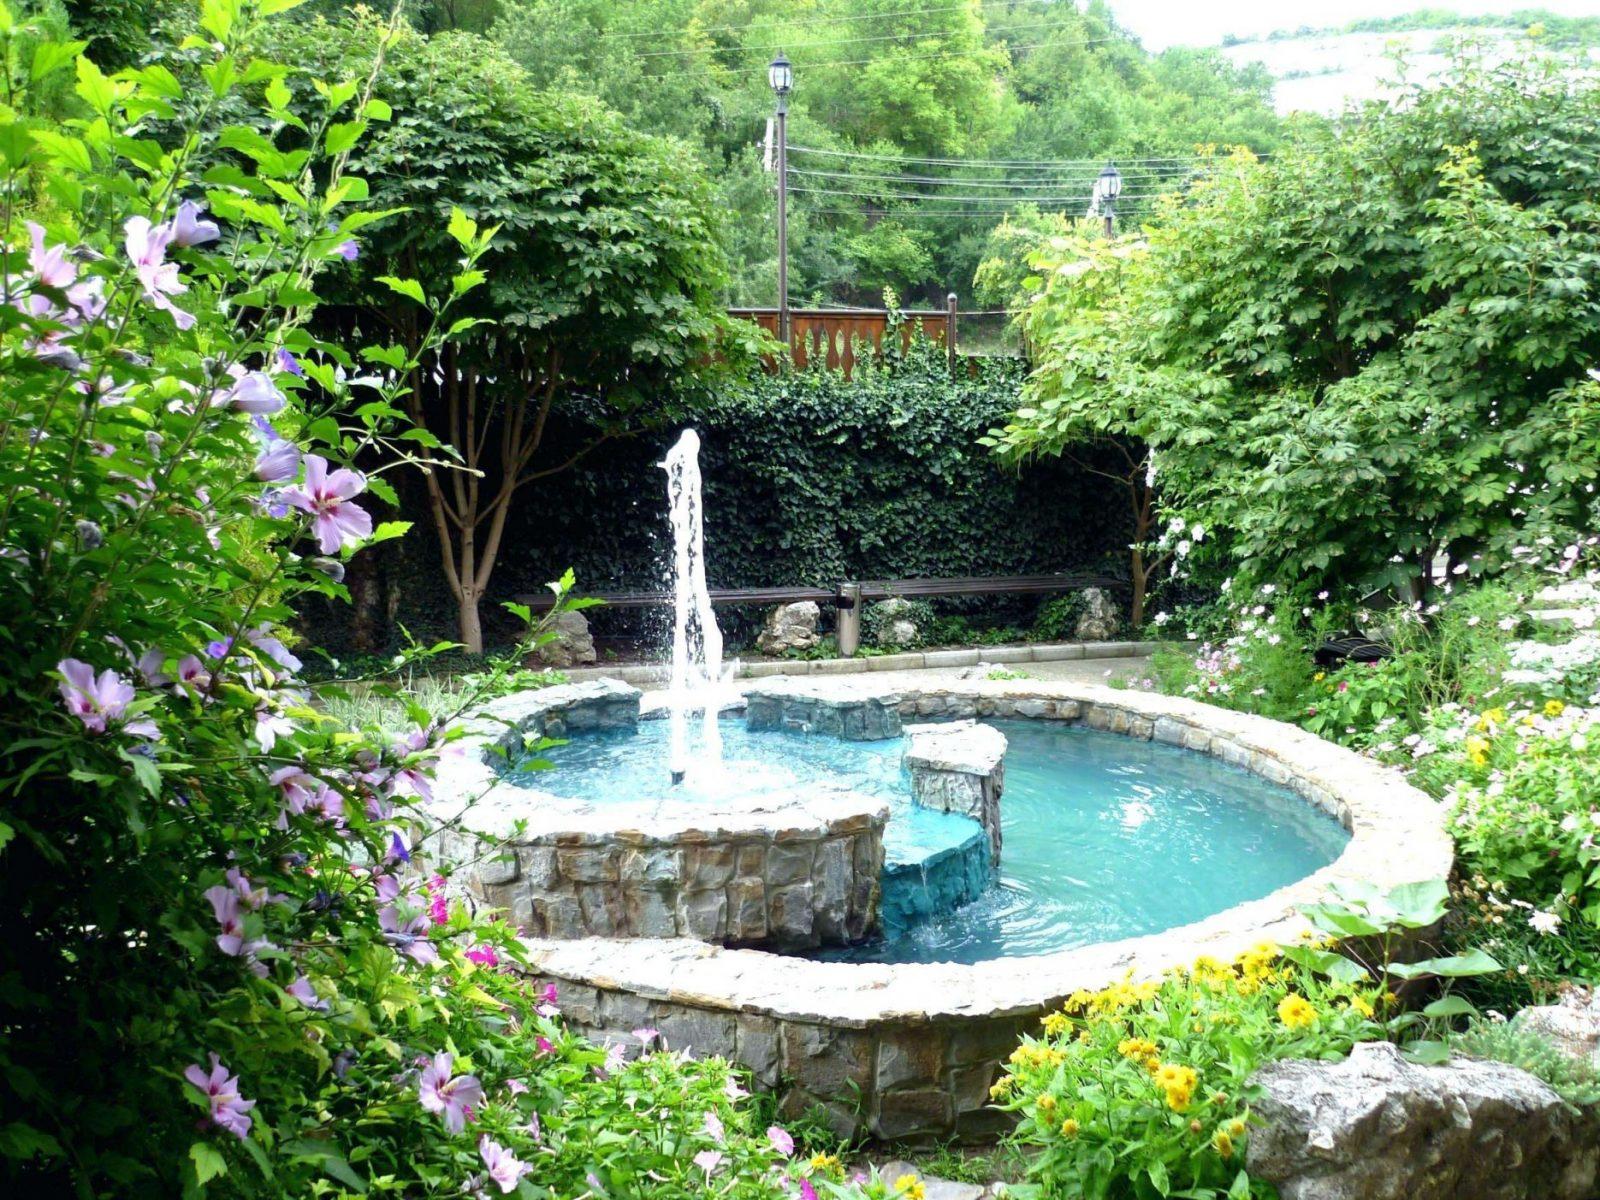 Kleinen Brunnen Selber Bauen Schema Von Garten Springbrunnen von Kleinen Brunnen Selber Bauen Bild